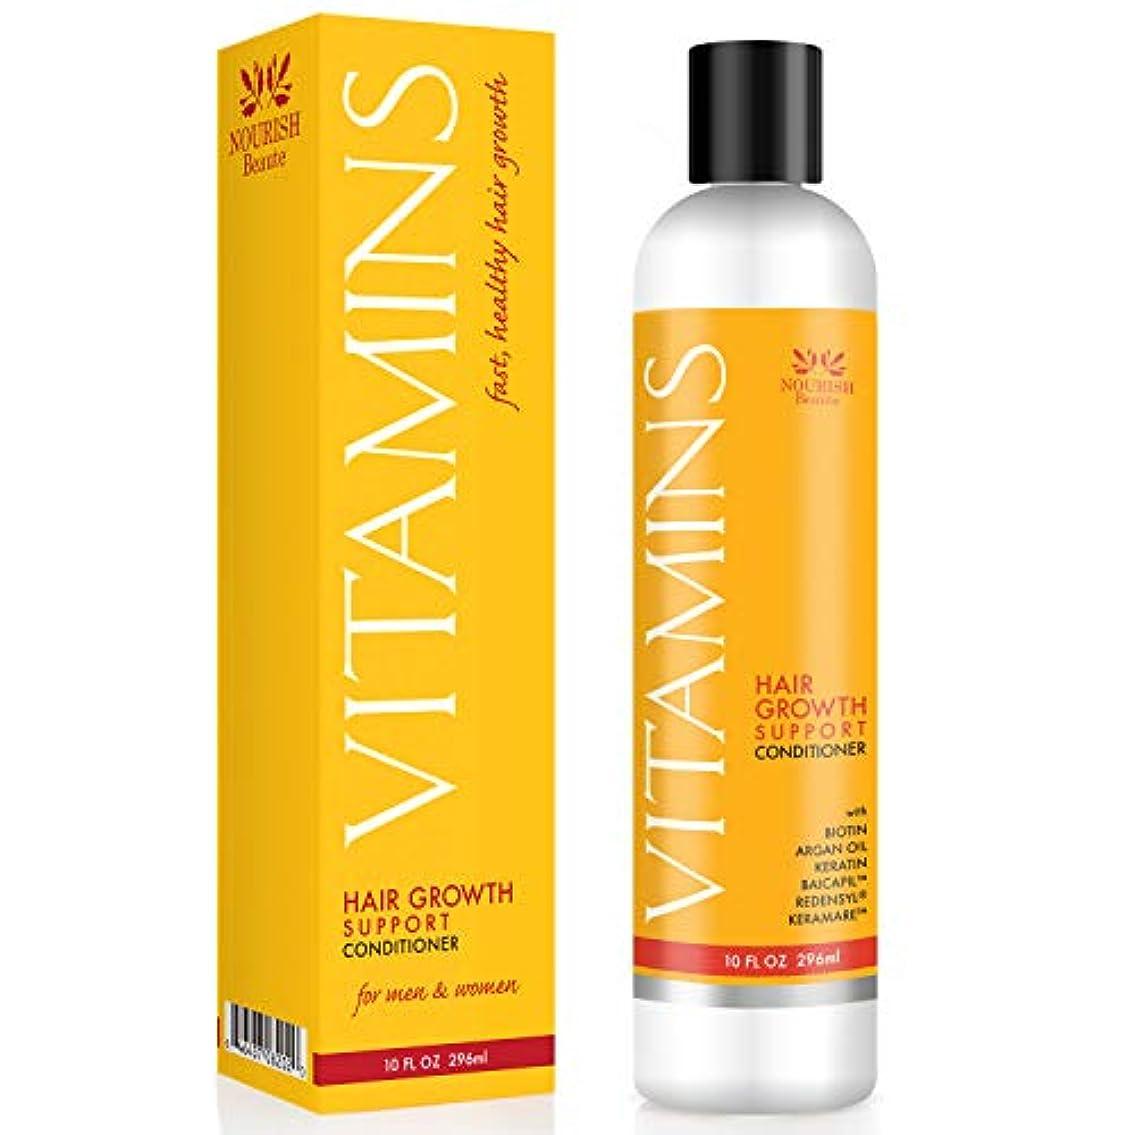 分岐する黒人ひらめきVitamins - オーガニック 脱毛トリートメント コンディショナー Organic Hair Loss Treatment and Conditioner, 10 Ounce (296ml)